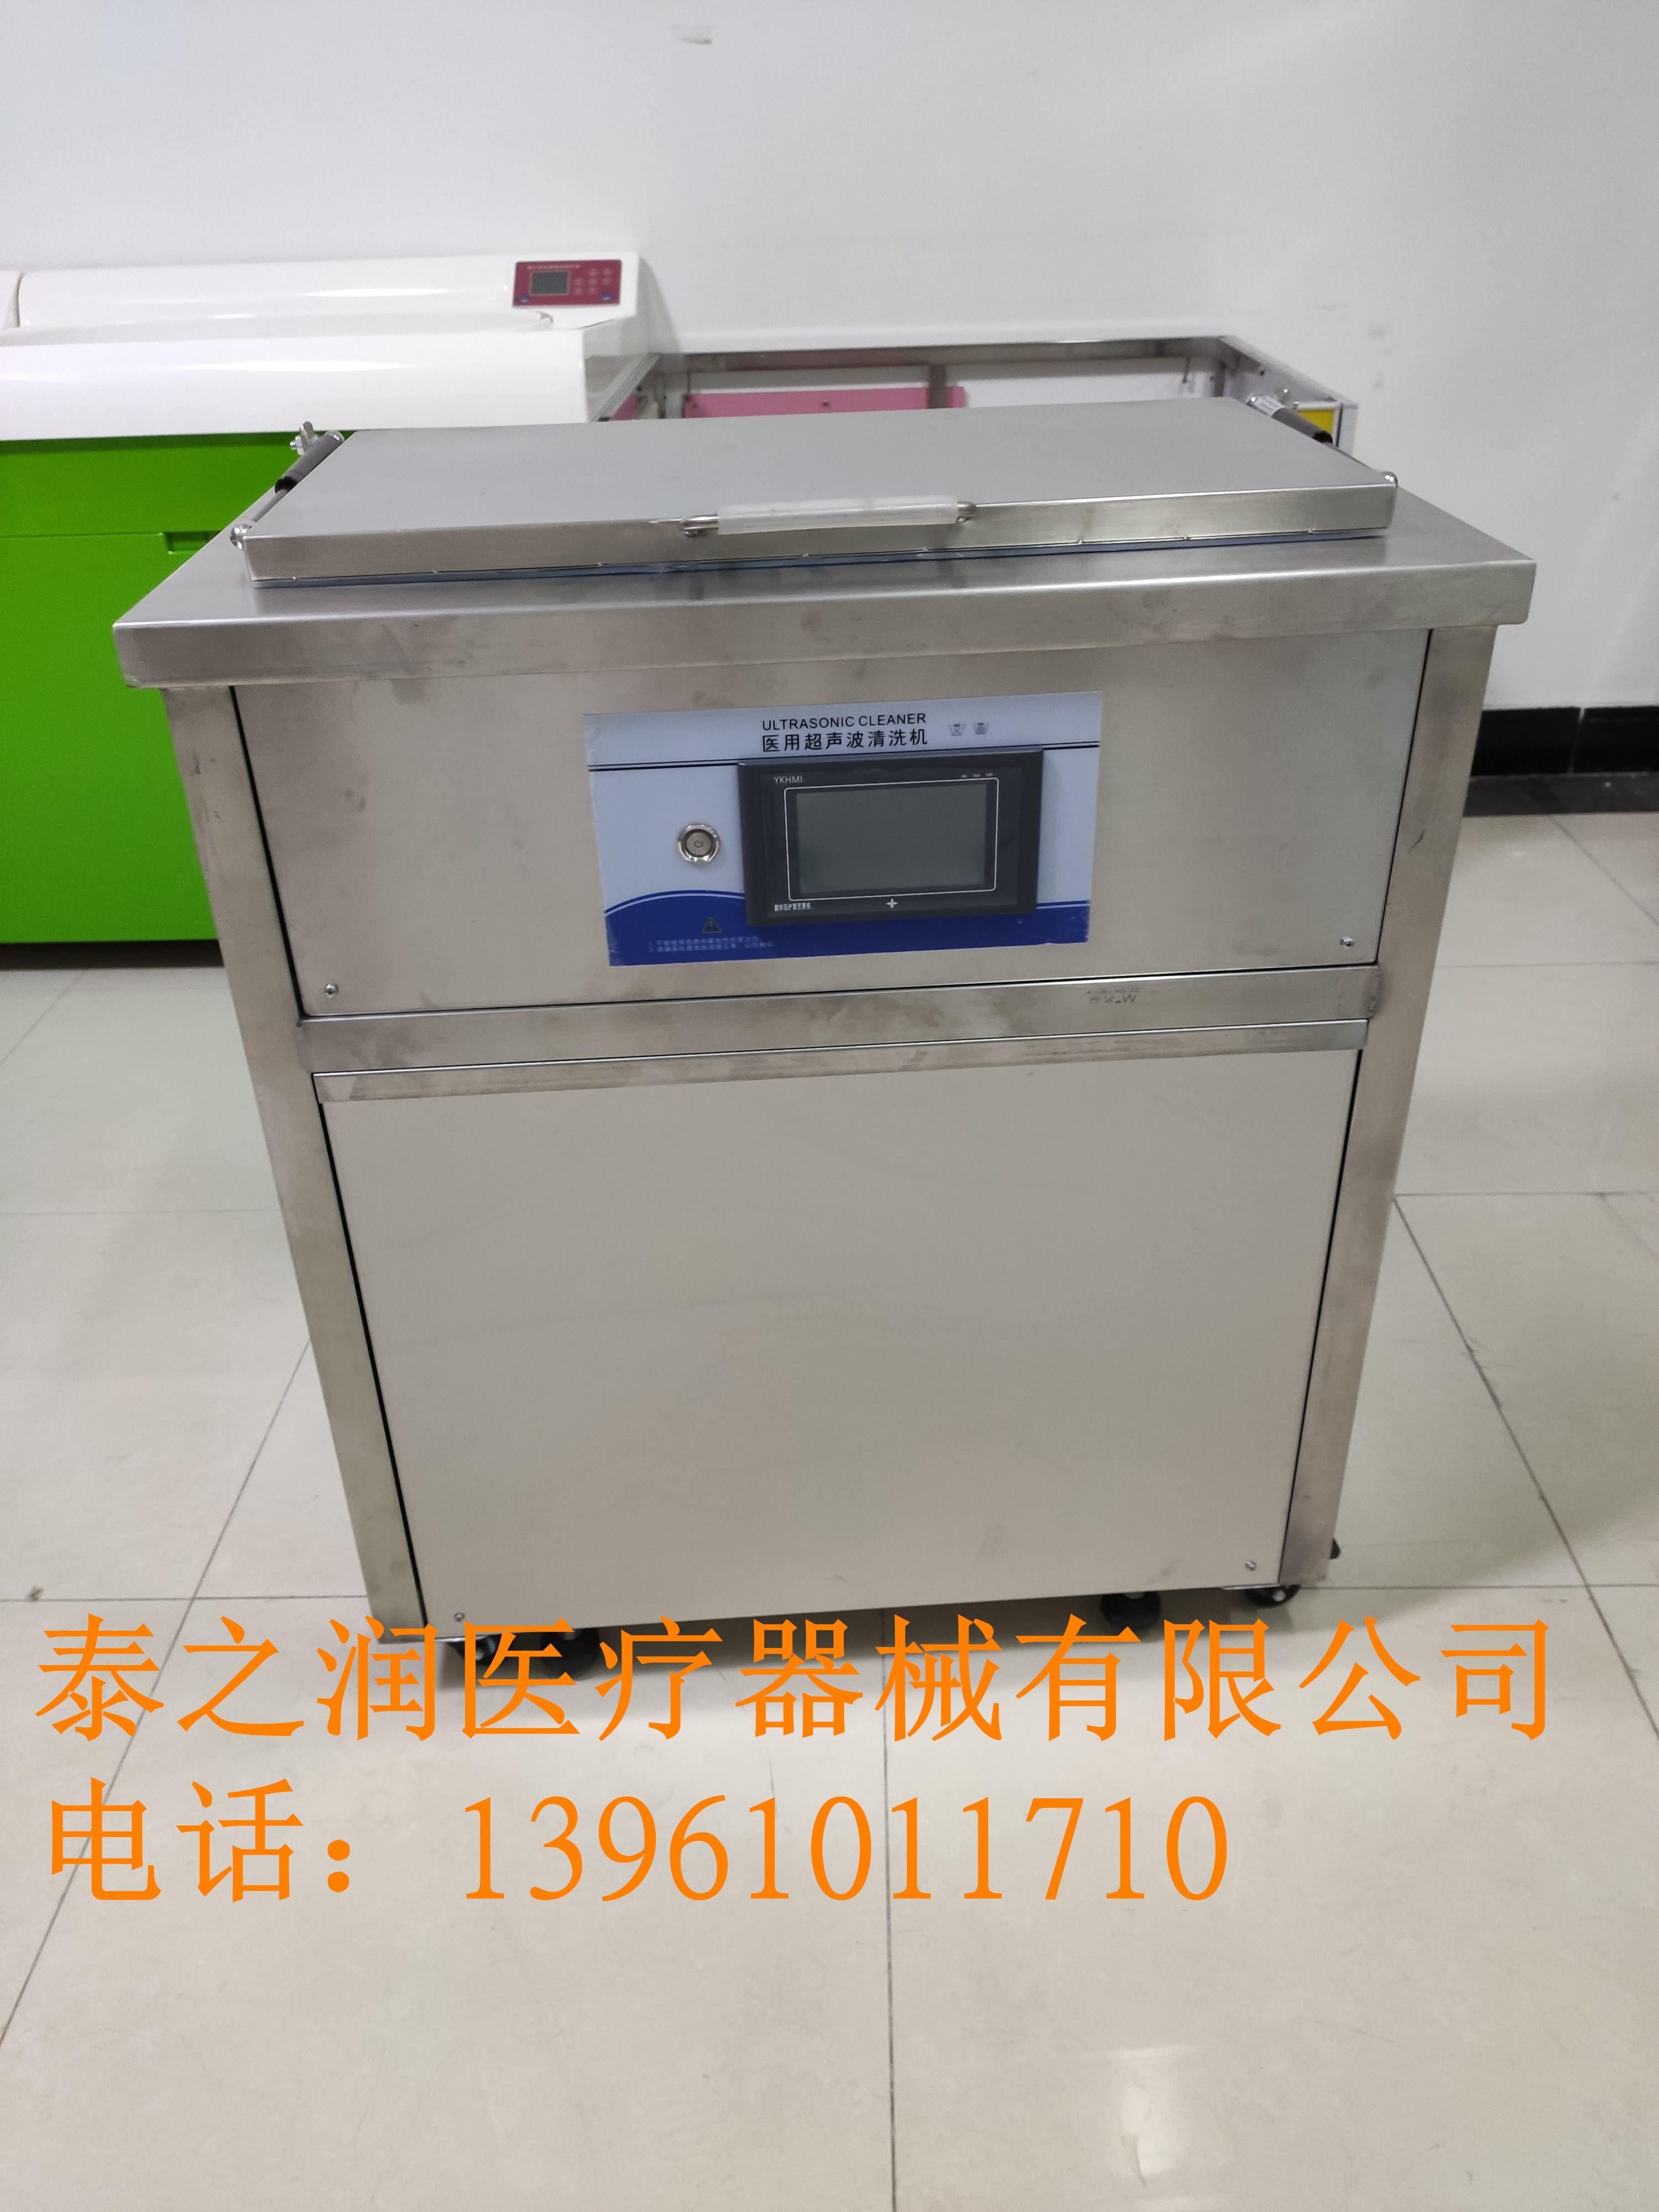 医用不锈钢煮沸机台式立式可升降器械煮沸消毒